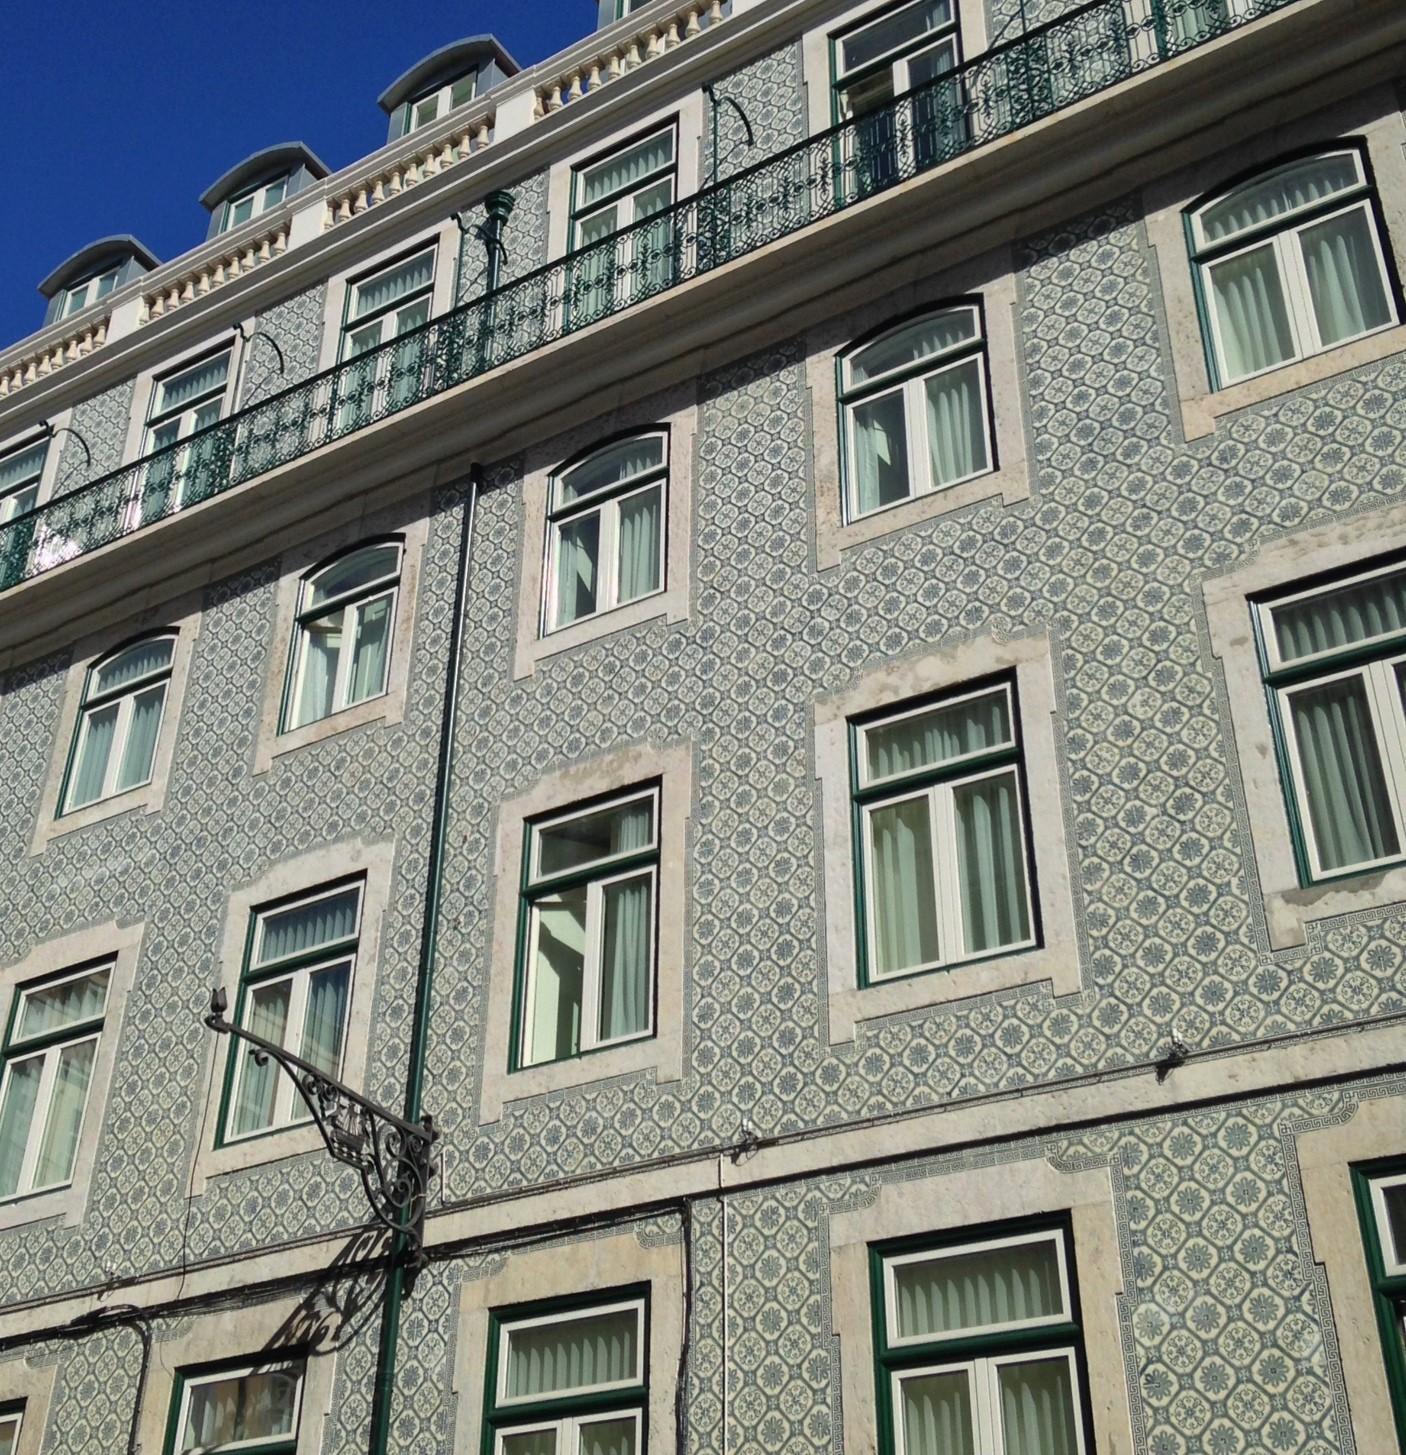 Tiled houses in Lisbon